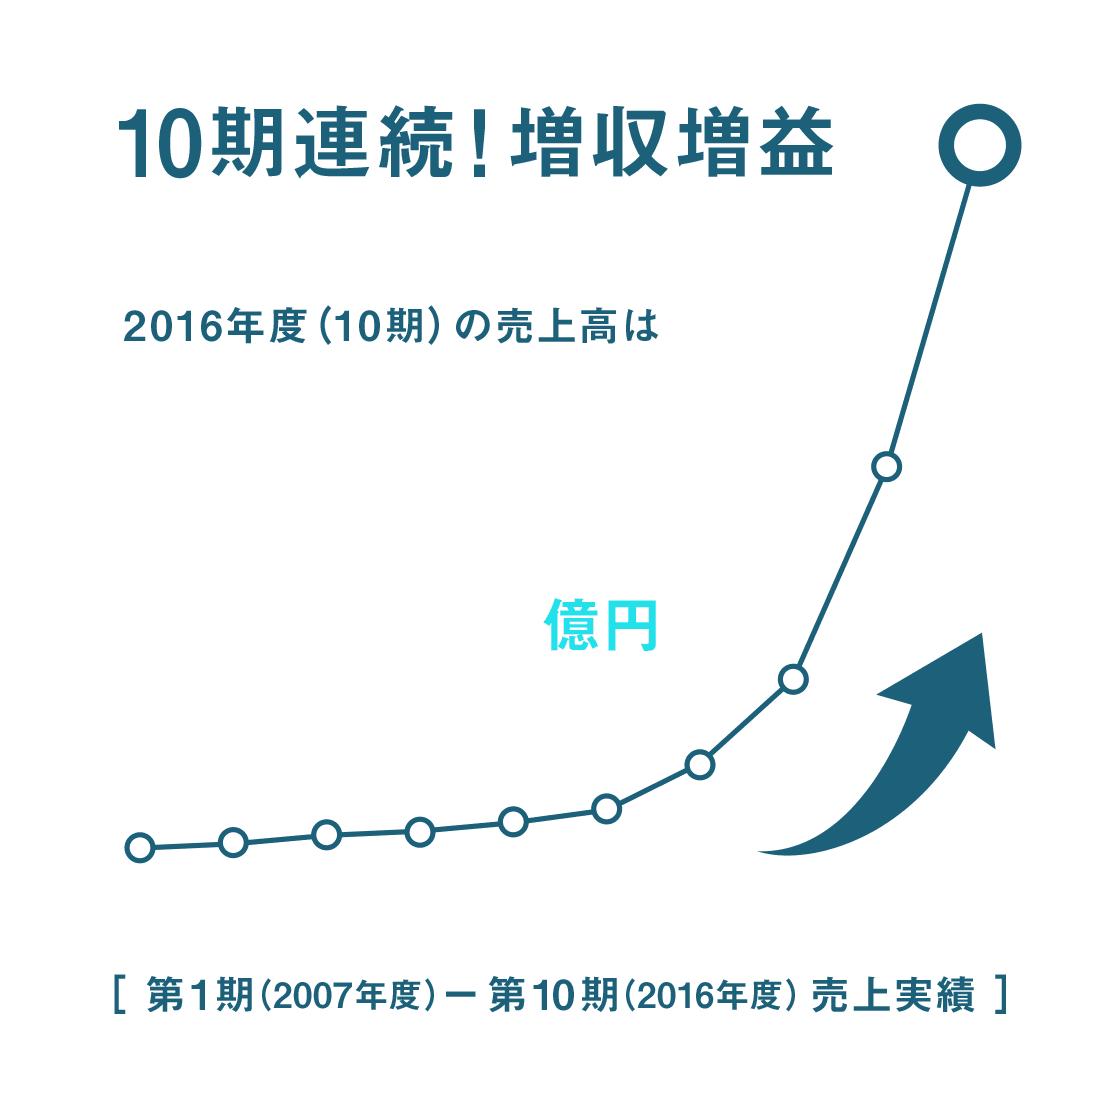 10期連続!増収増益